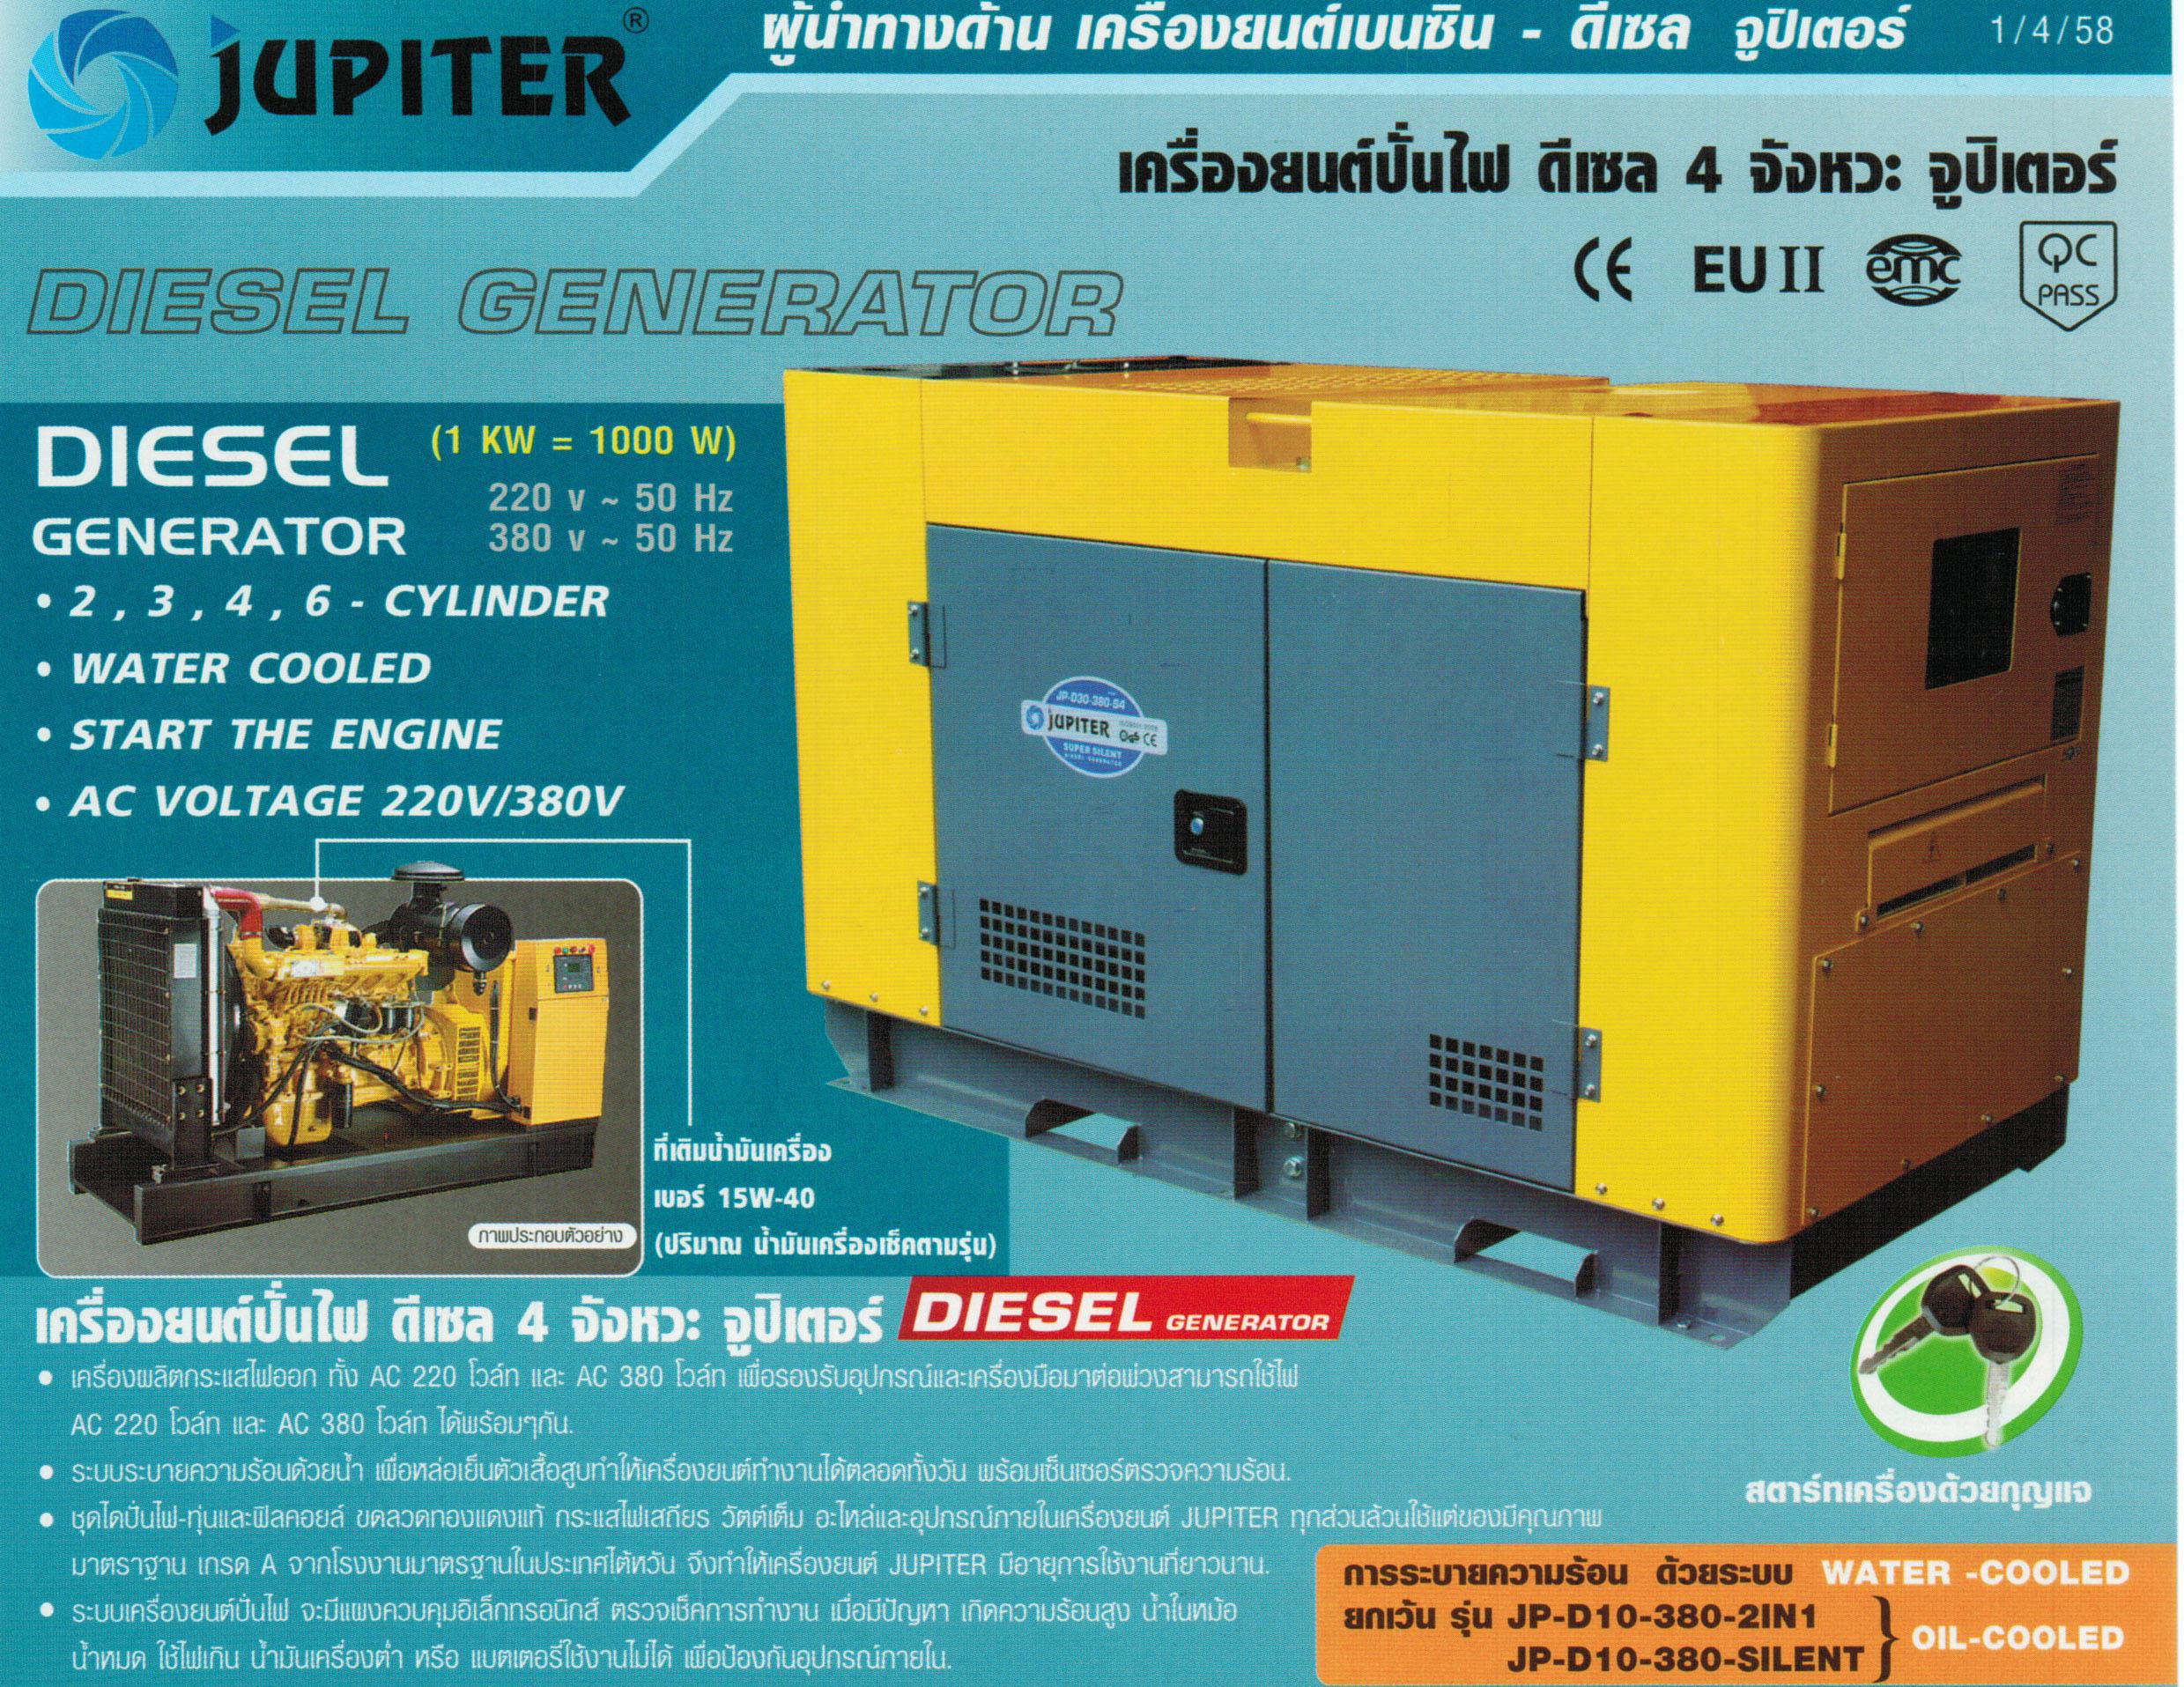 เครื่องปั่นไฟขนาดใหญ่ ดีเซล 4 จังหวะ JUPITER รุ่น JP-D20-380-S4